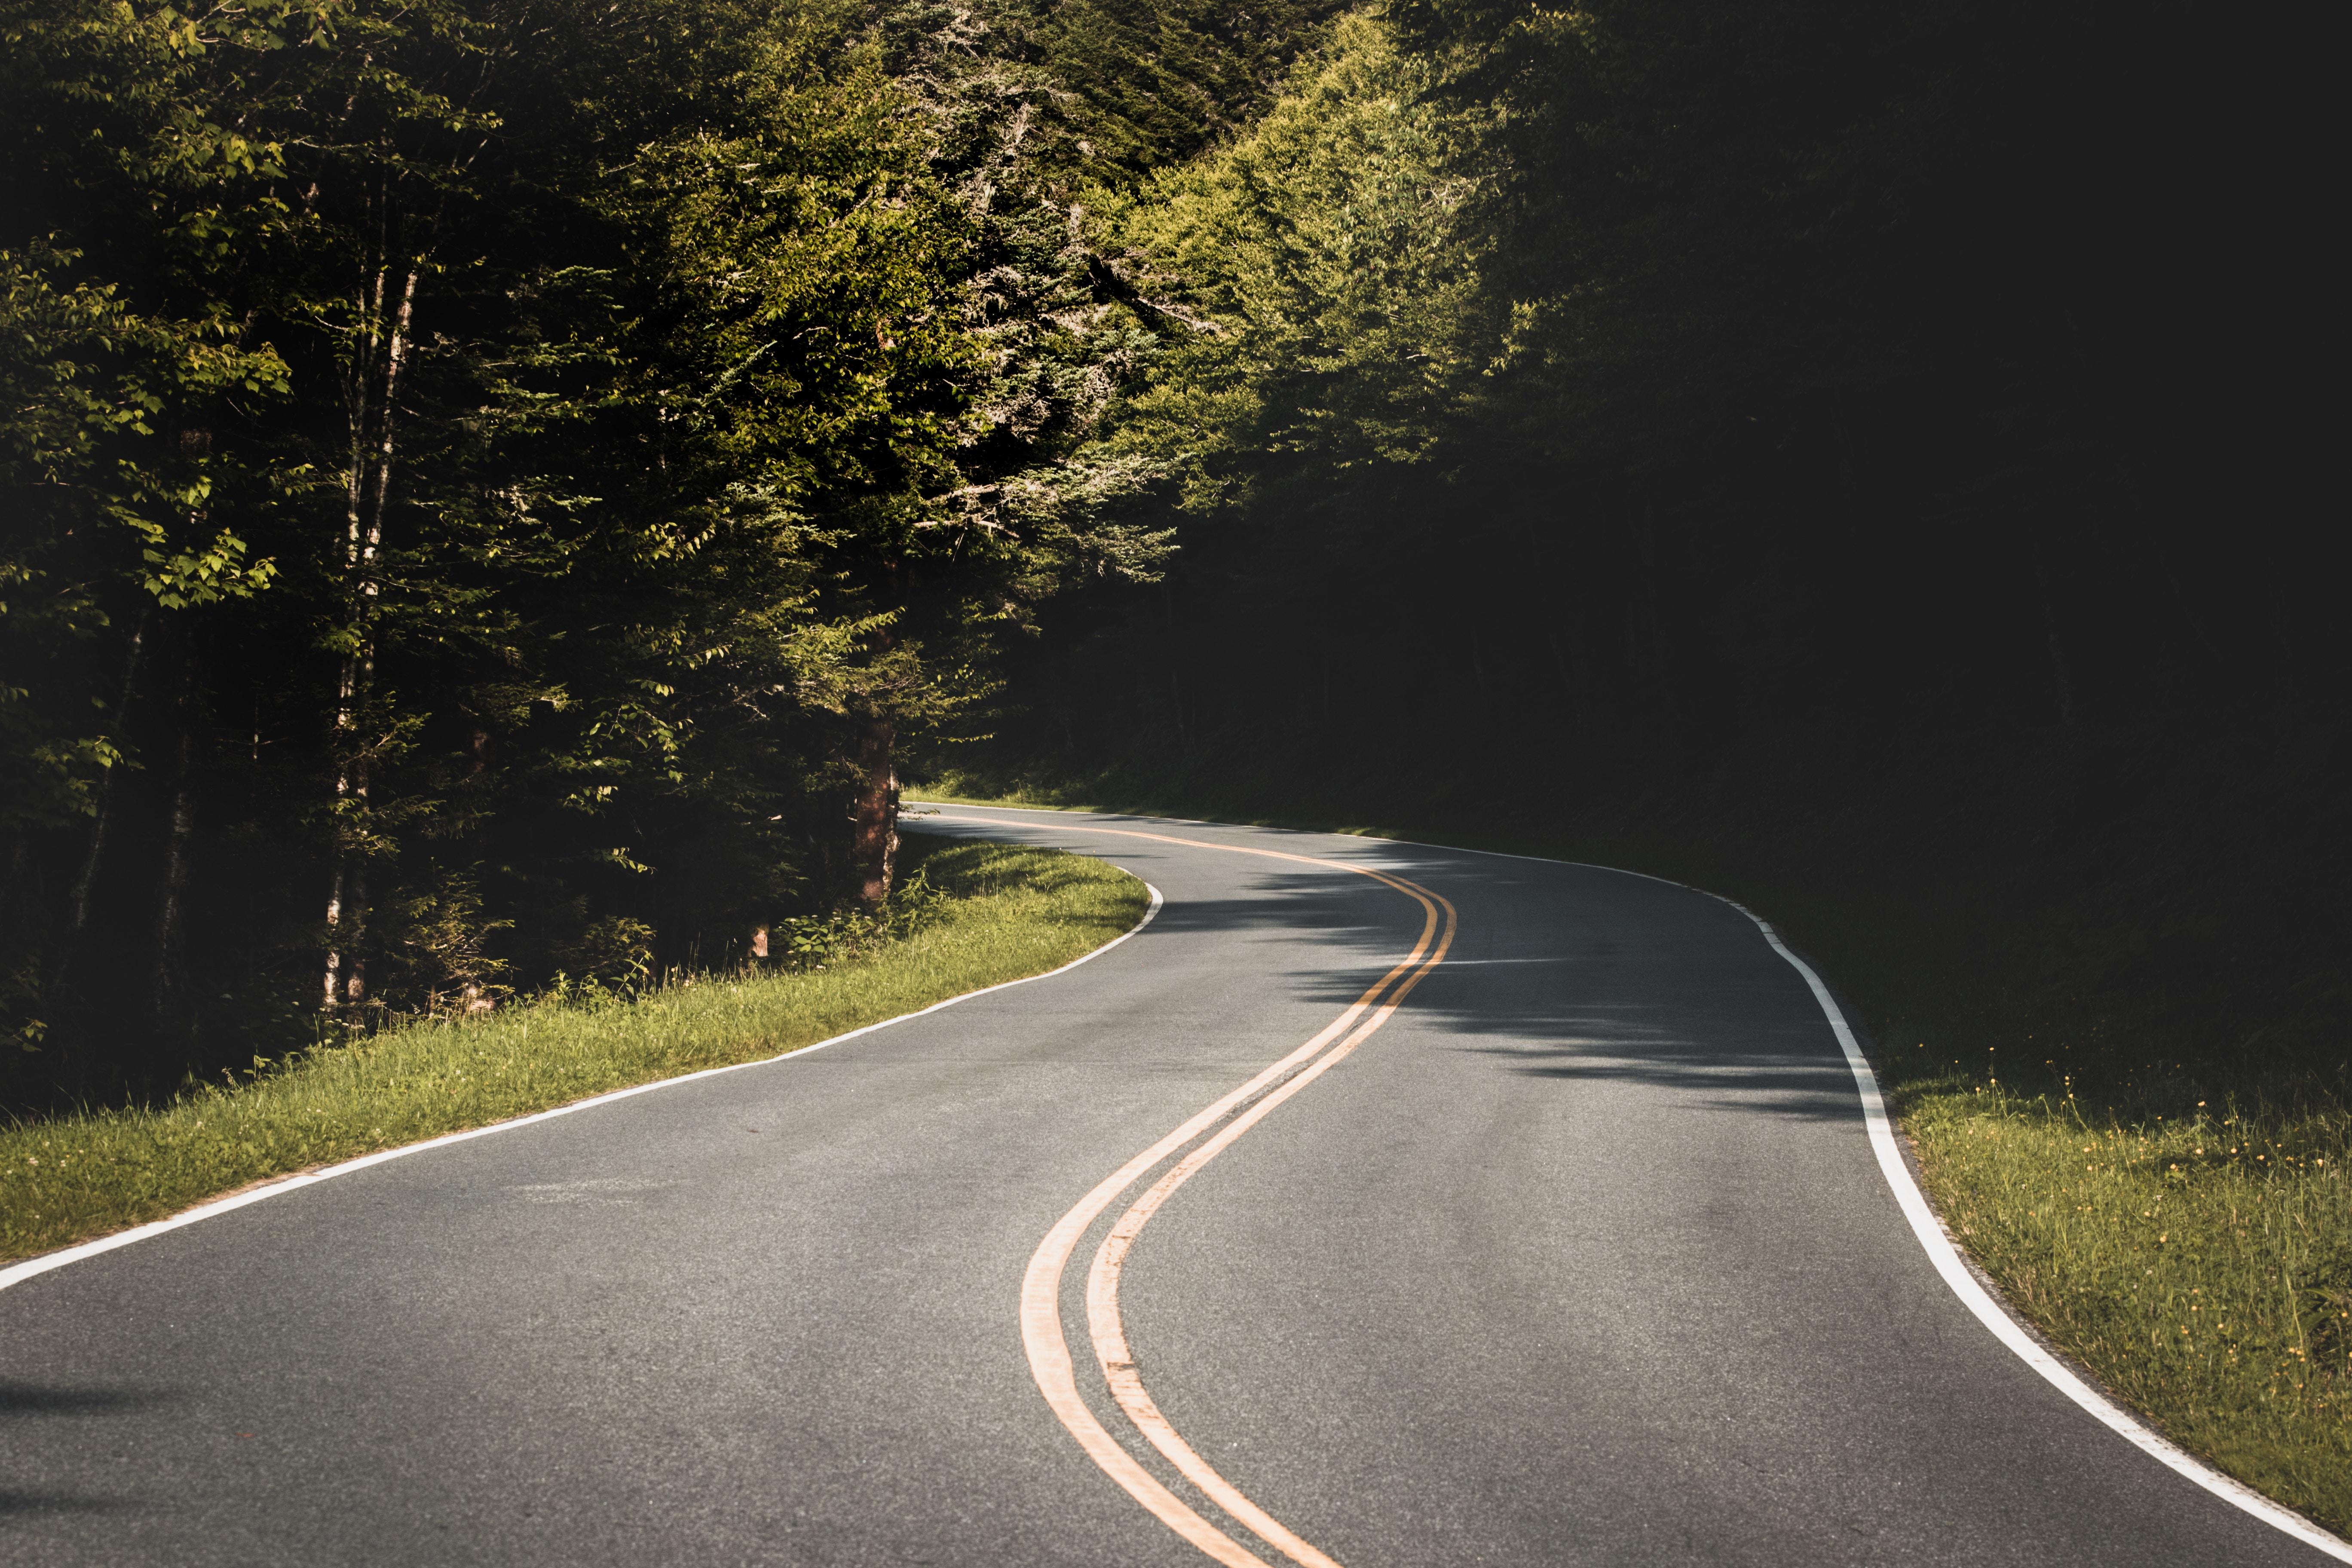 väg slingrar sig framåt